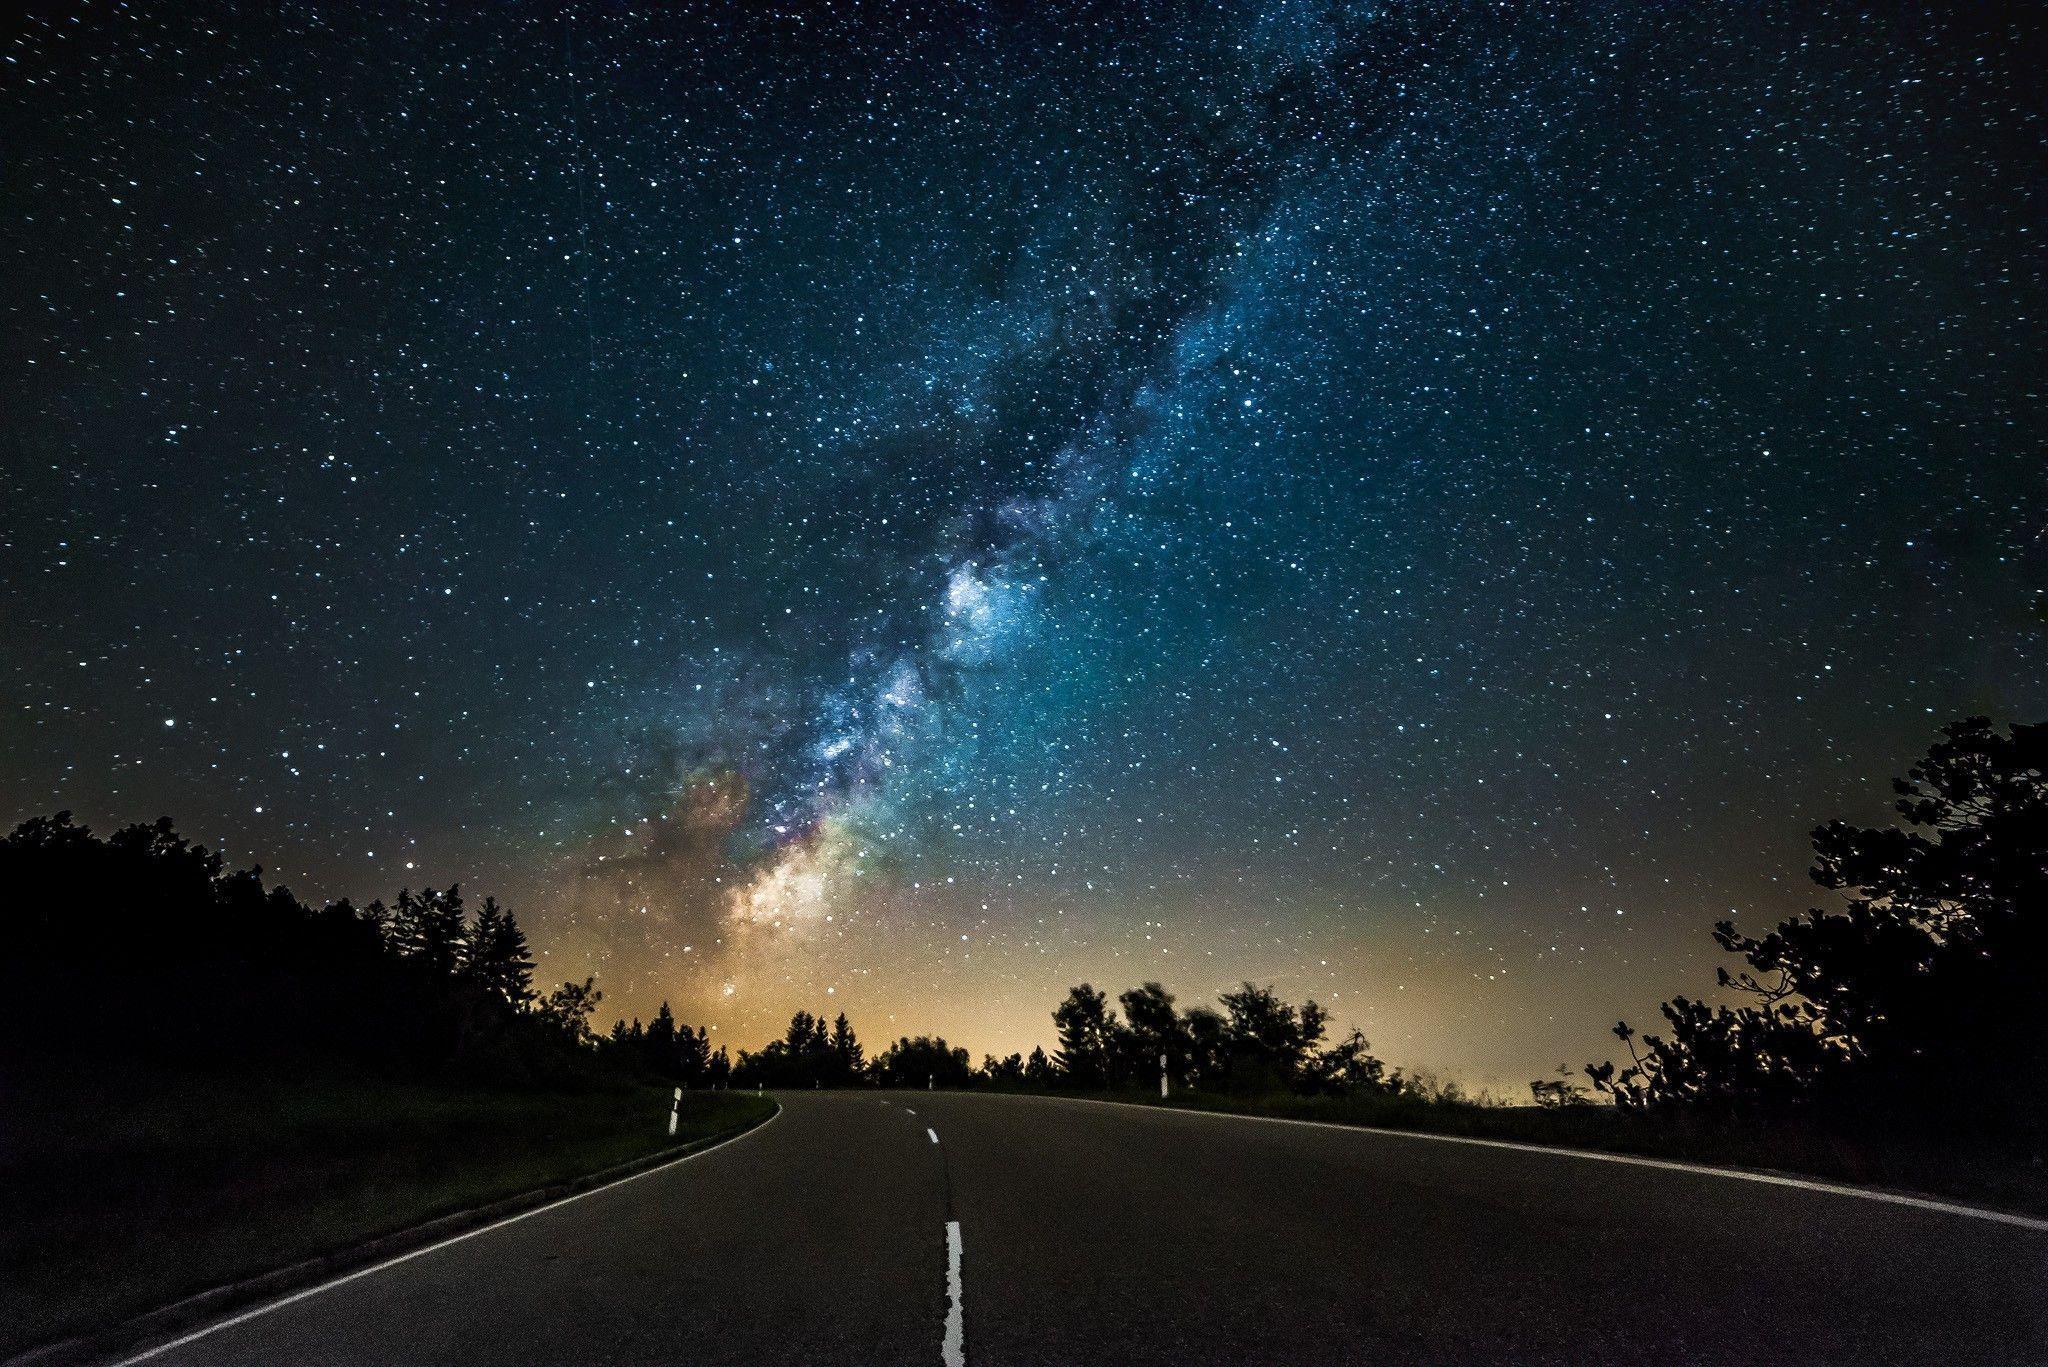 night stars road in 2020 stars at night star wallpaper hd cool wallpapers pinterest